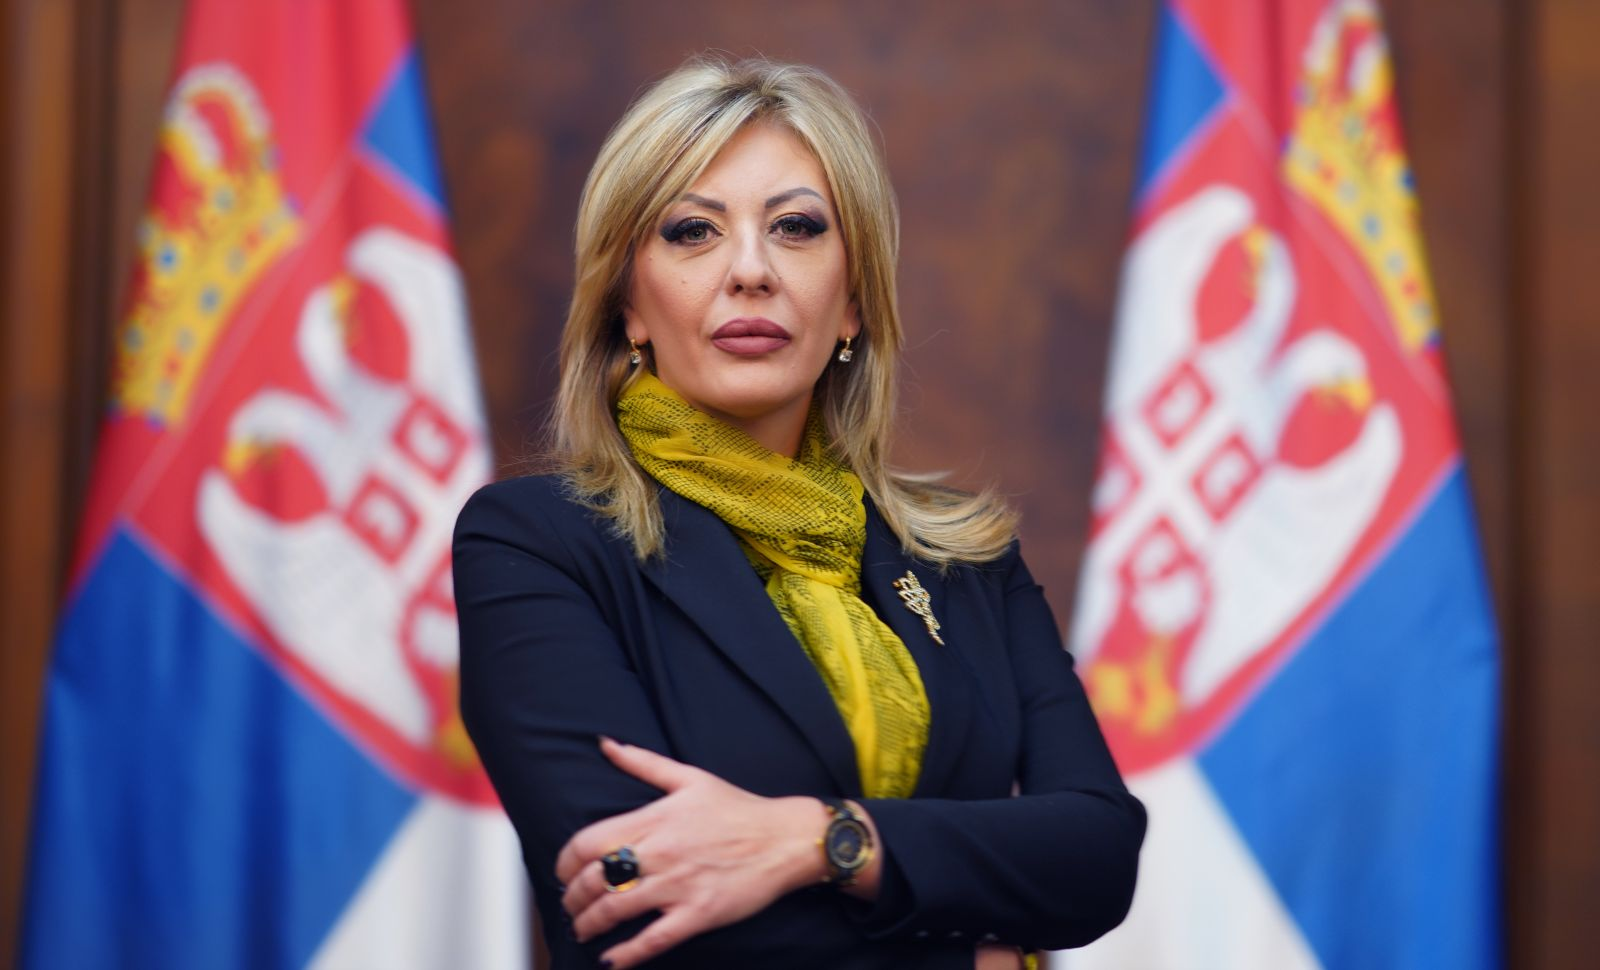 Стабилно висока подршка чланству Србије у ЕУ – 54% ЗА